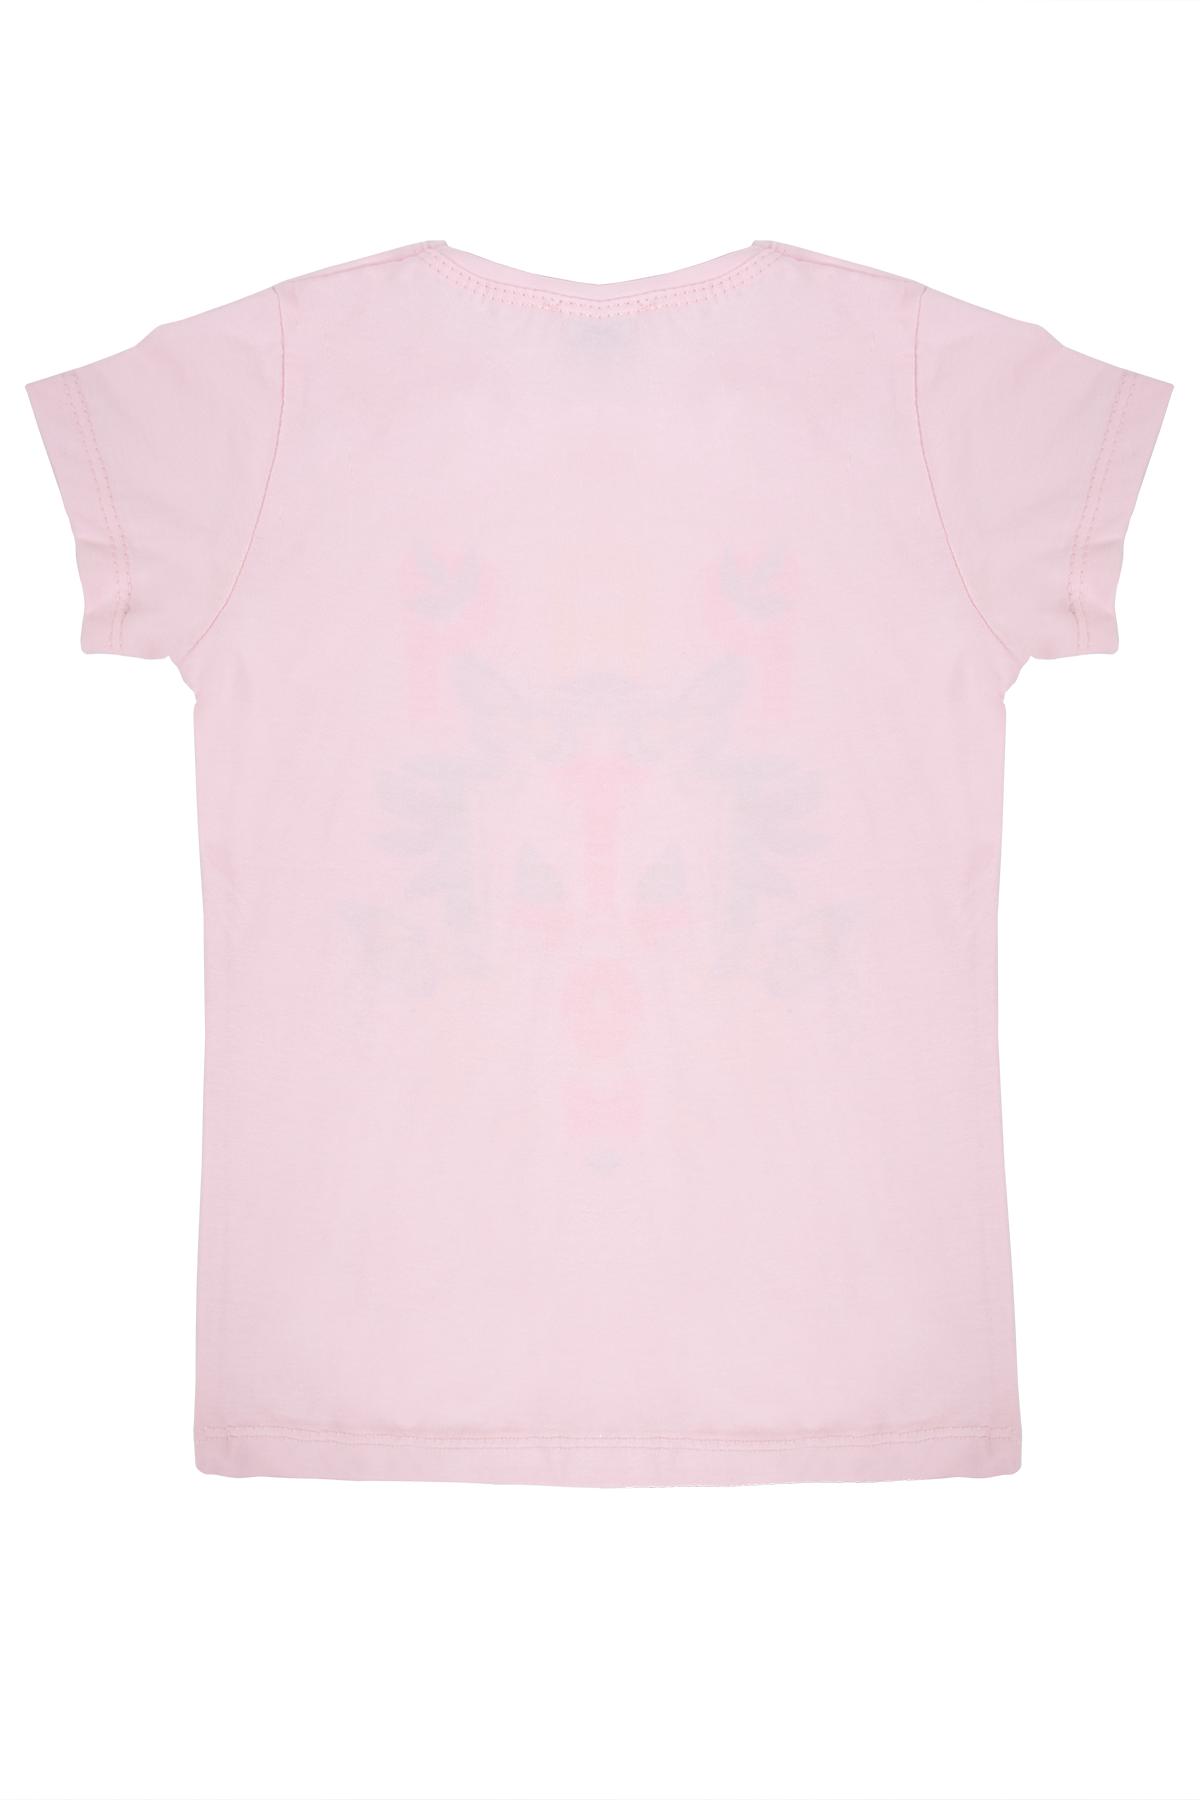 Kız Çocuk Kelebek Baskılı Pembe Tişört